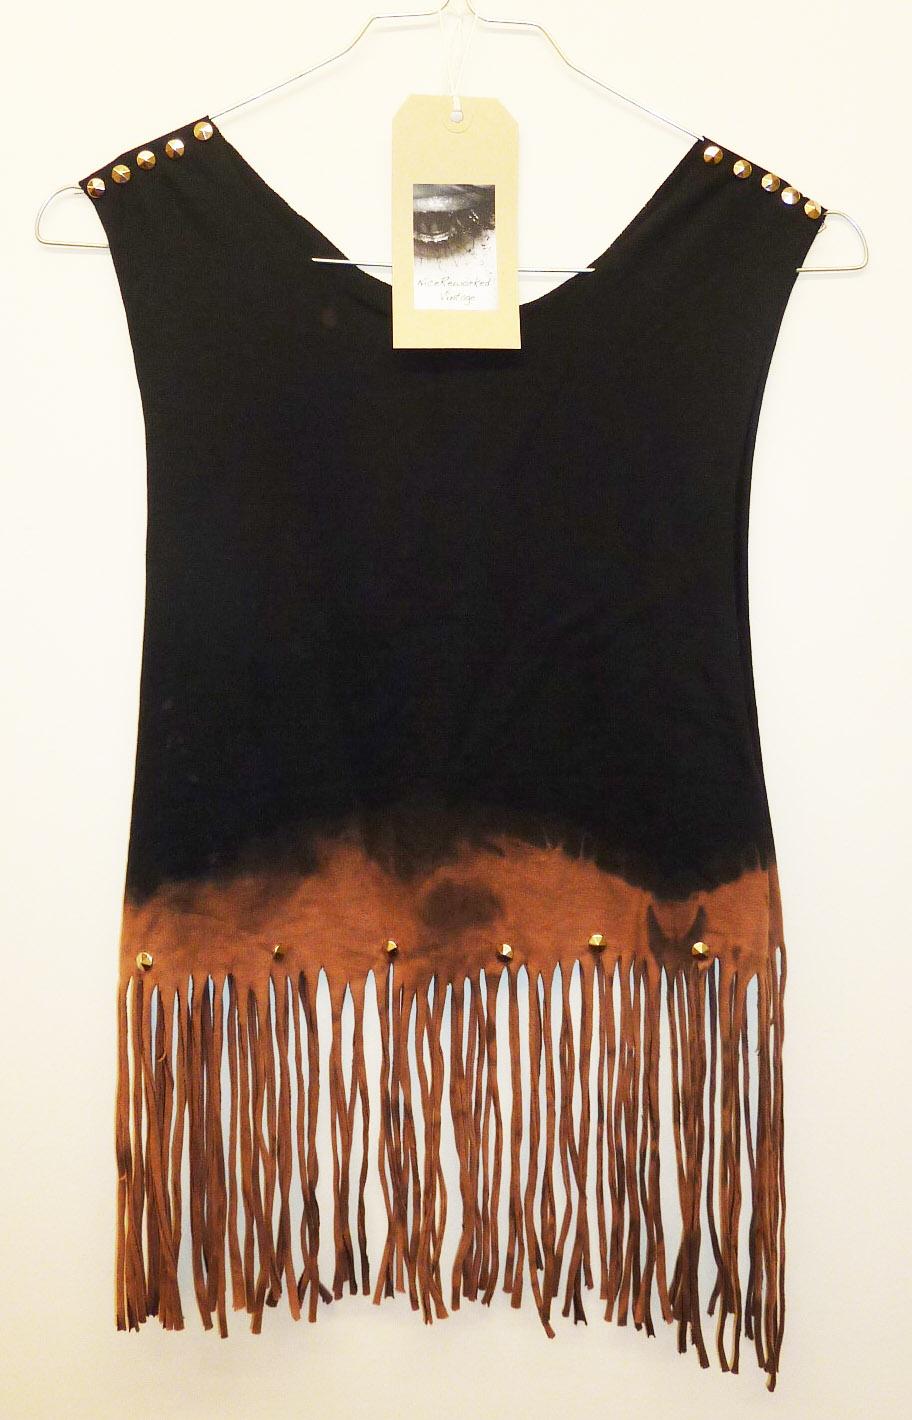 Vintage Dip Tie Dye Fringe Tassle Ladies Top Studded Spike Shoulders Summer Upcycled Oversize Vest